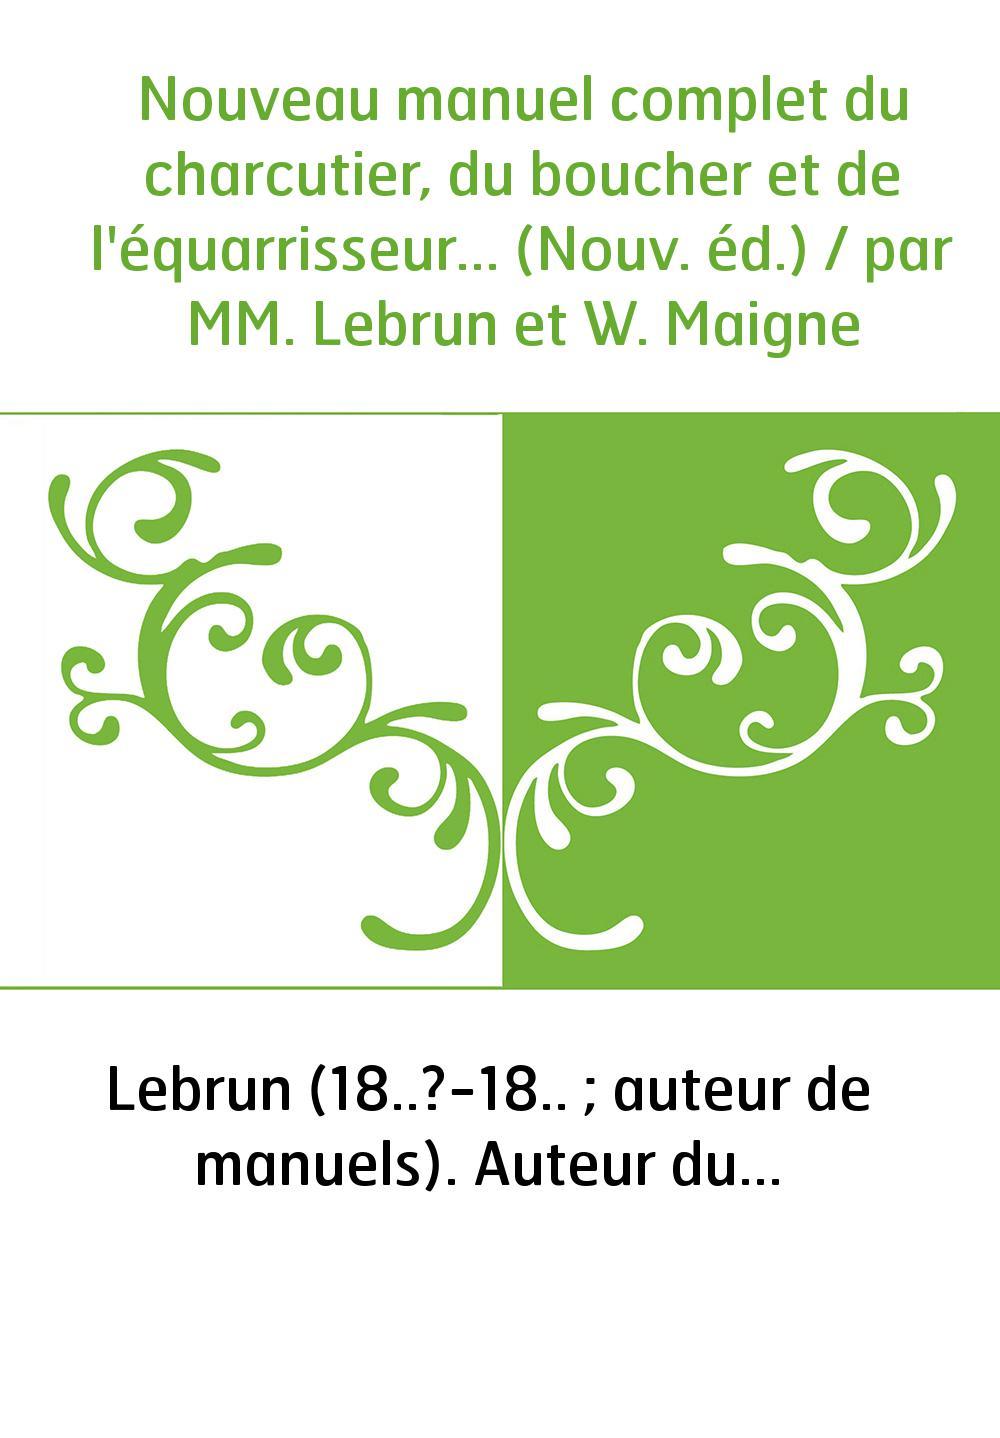 Nouveau manuel complet du charcutier, du boucher et de l'équarrisseur... (Nouv. éd.) / par MM. Lebrun et W. Maigne